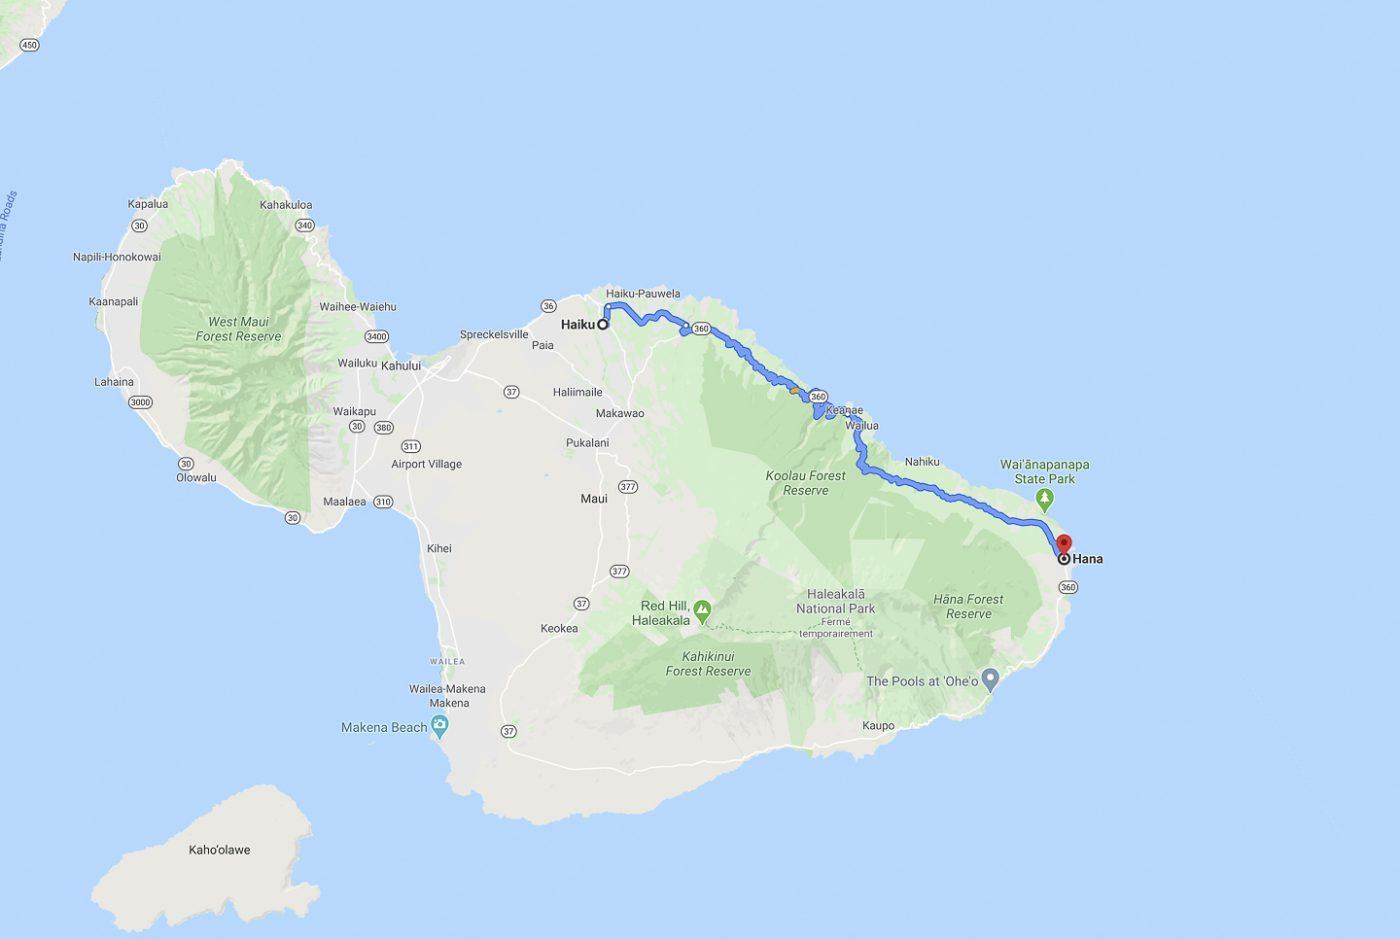 Maui - Trajet du jour